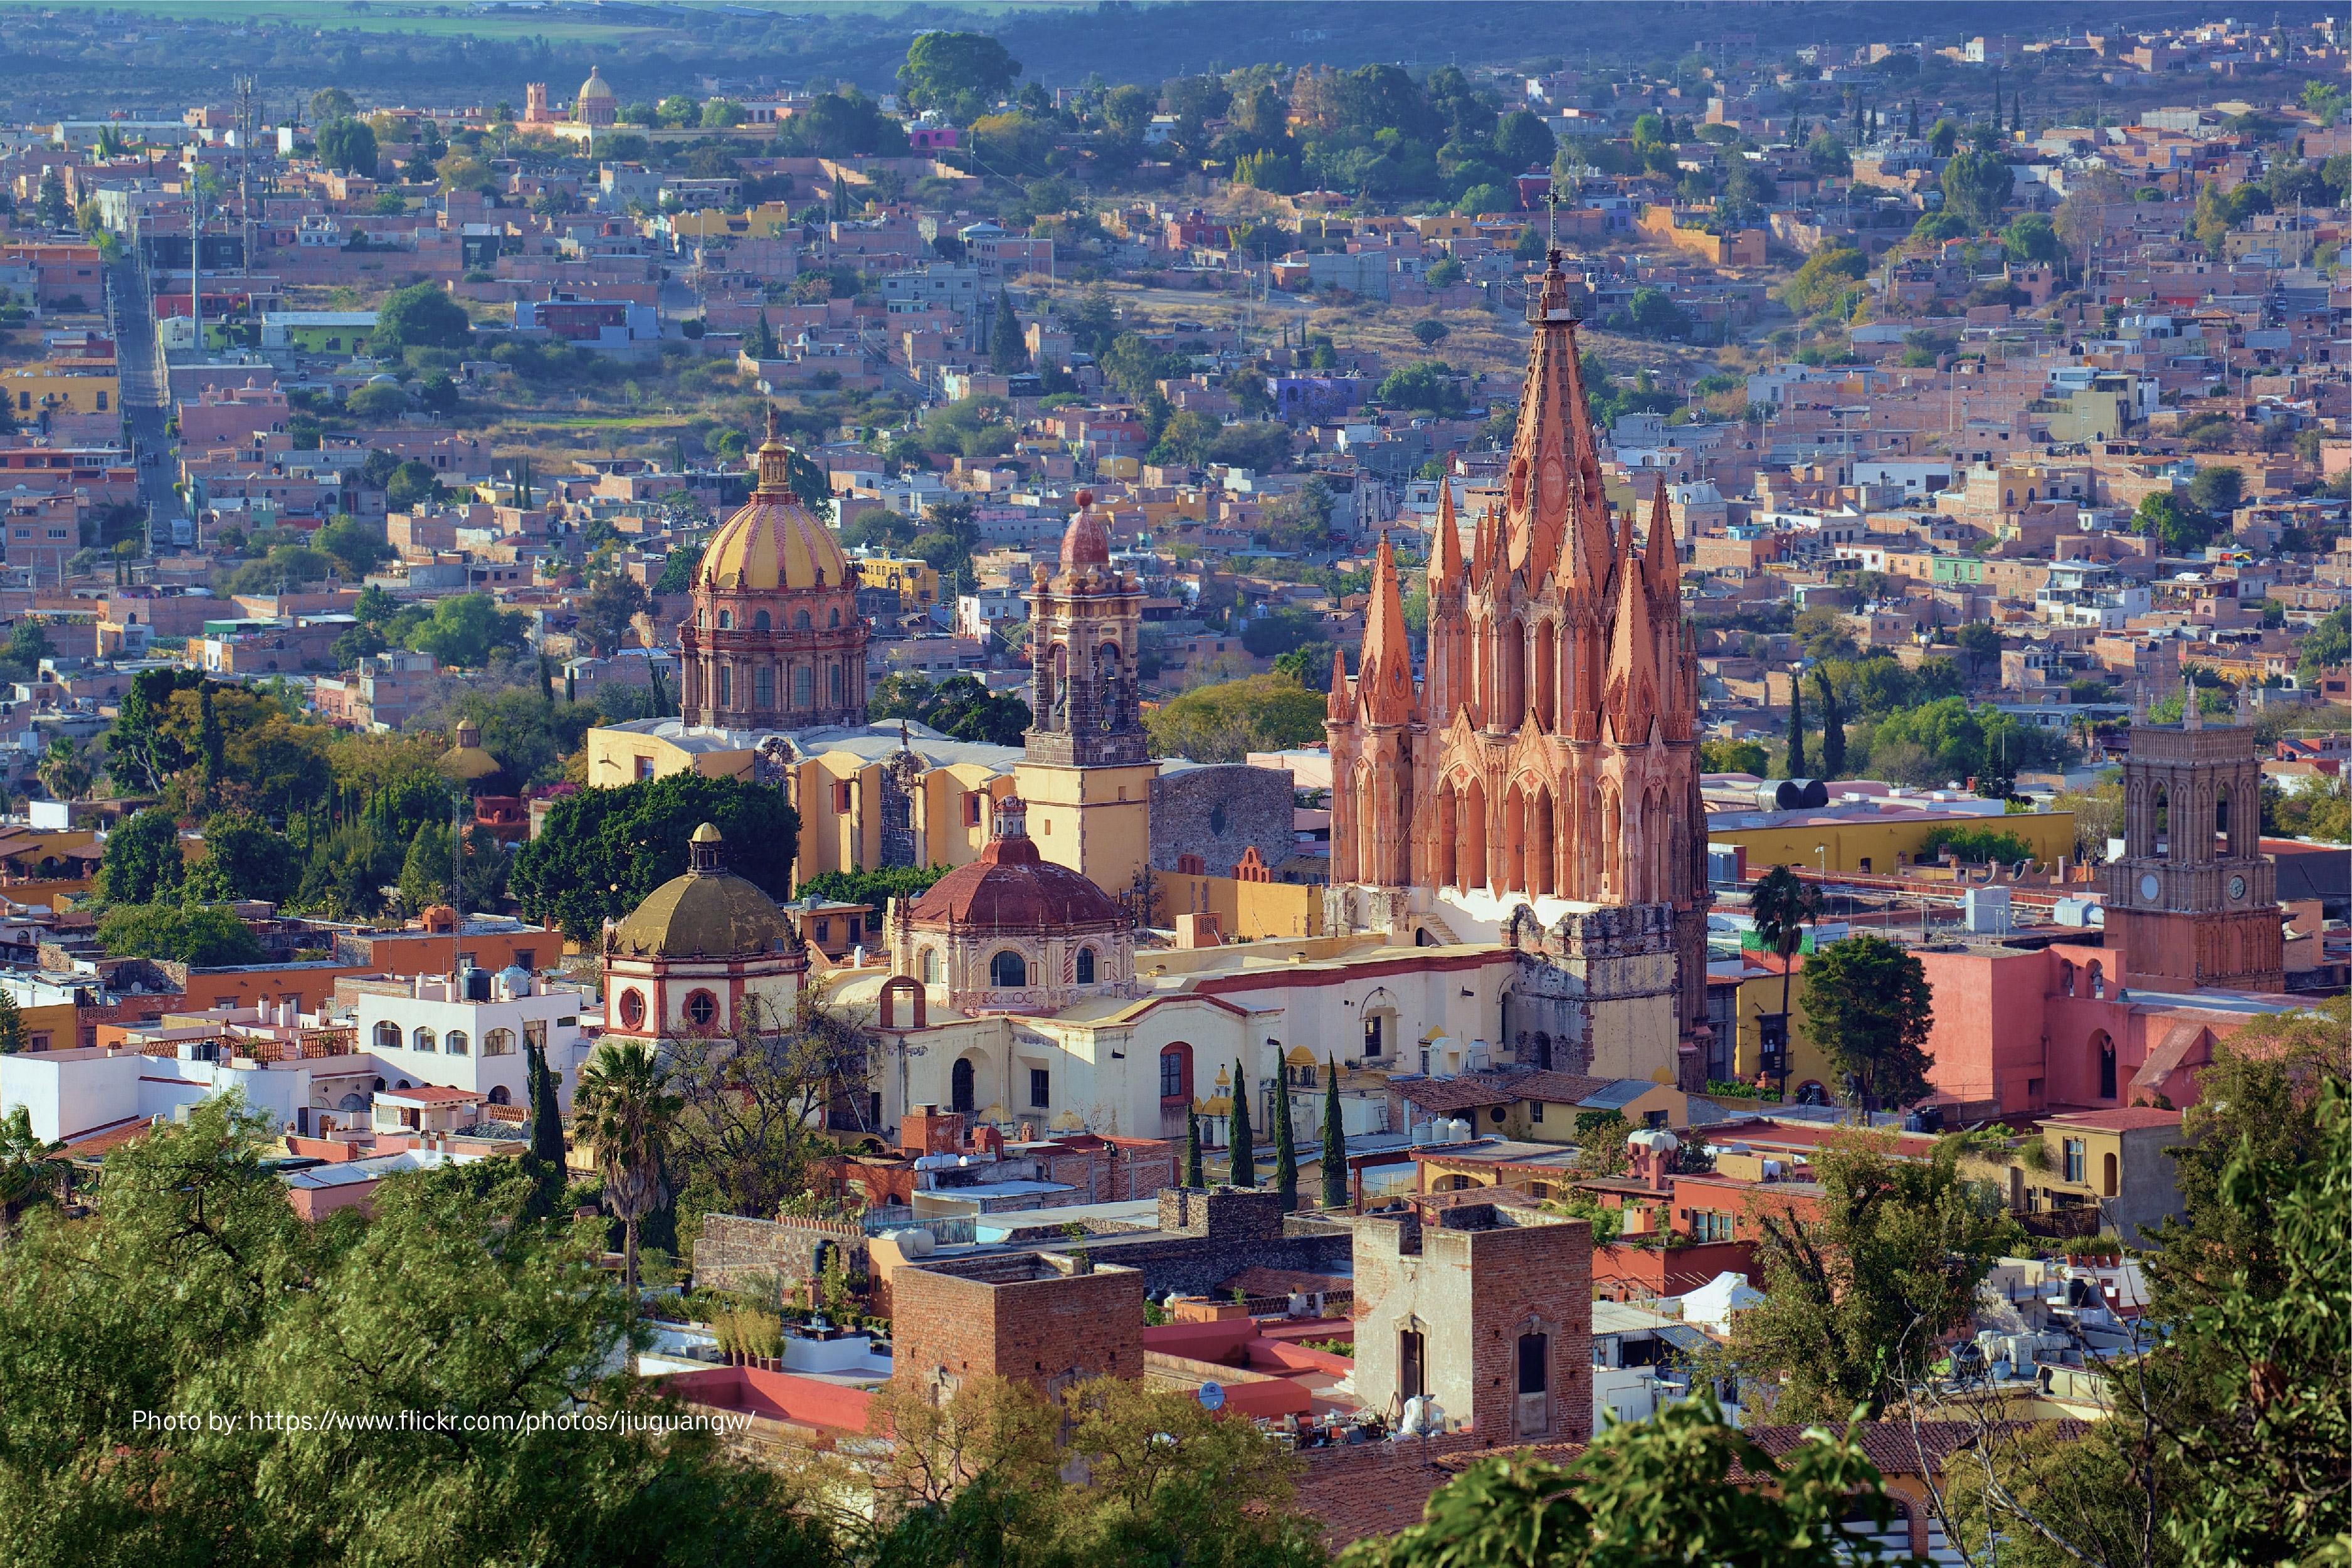 Vista de la Plaza Principal de San Miguel de Allende